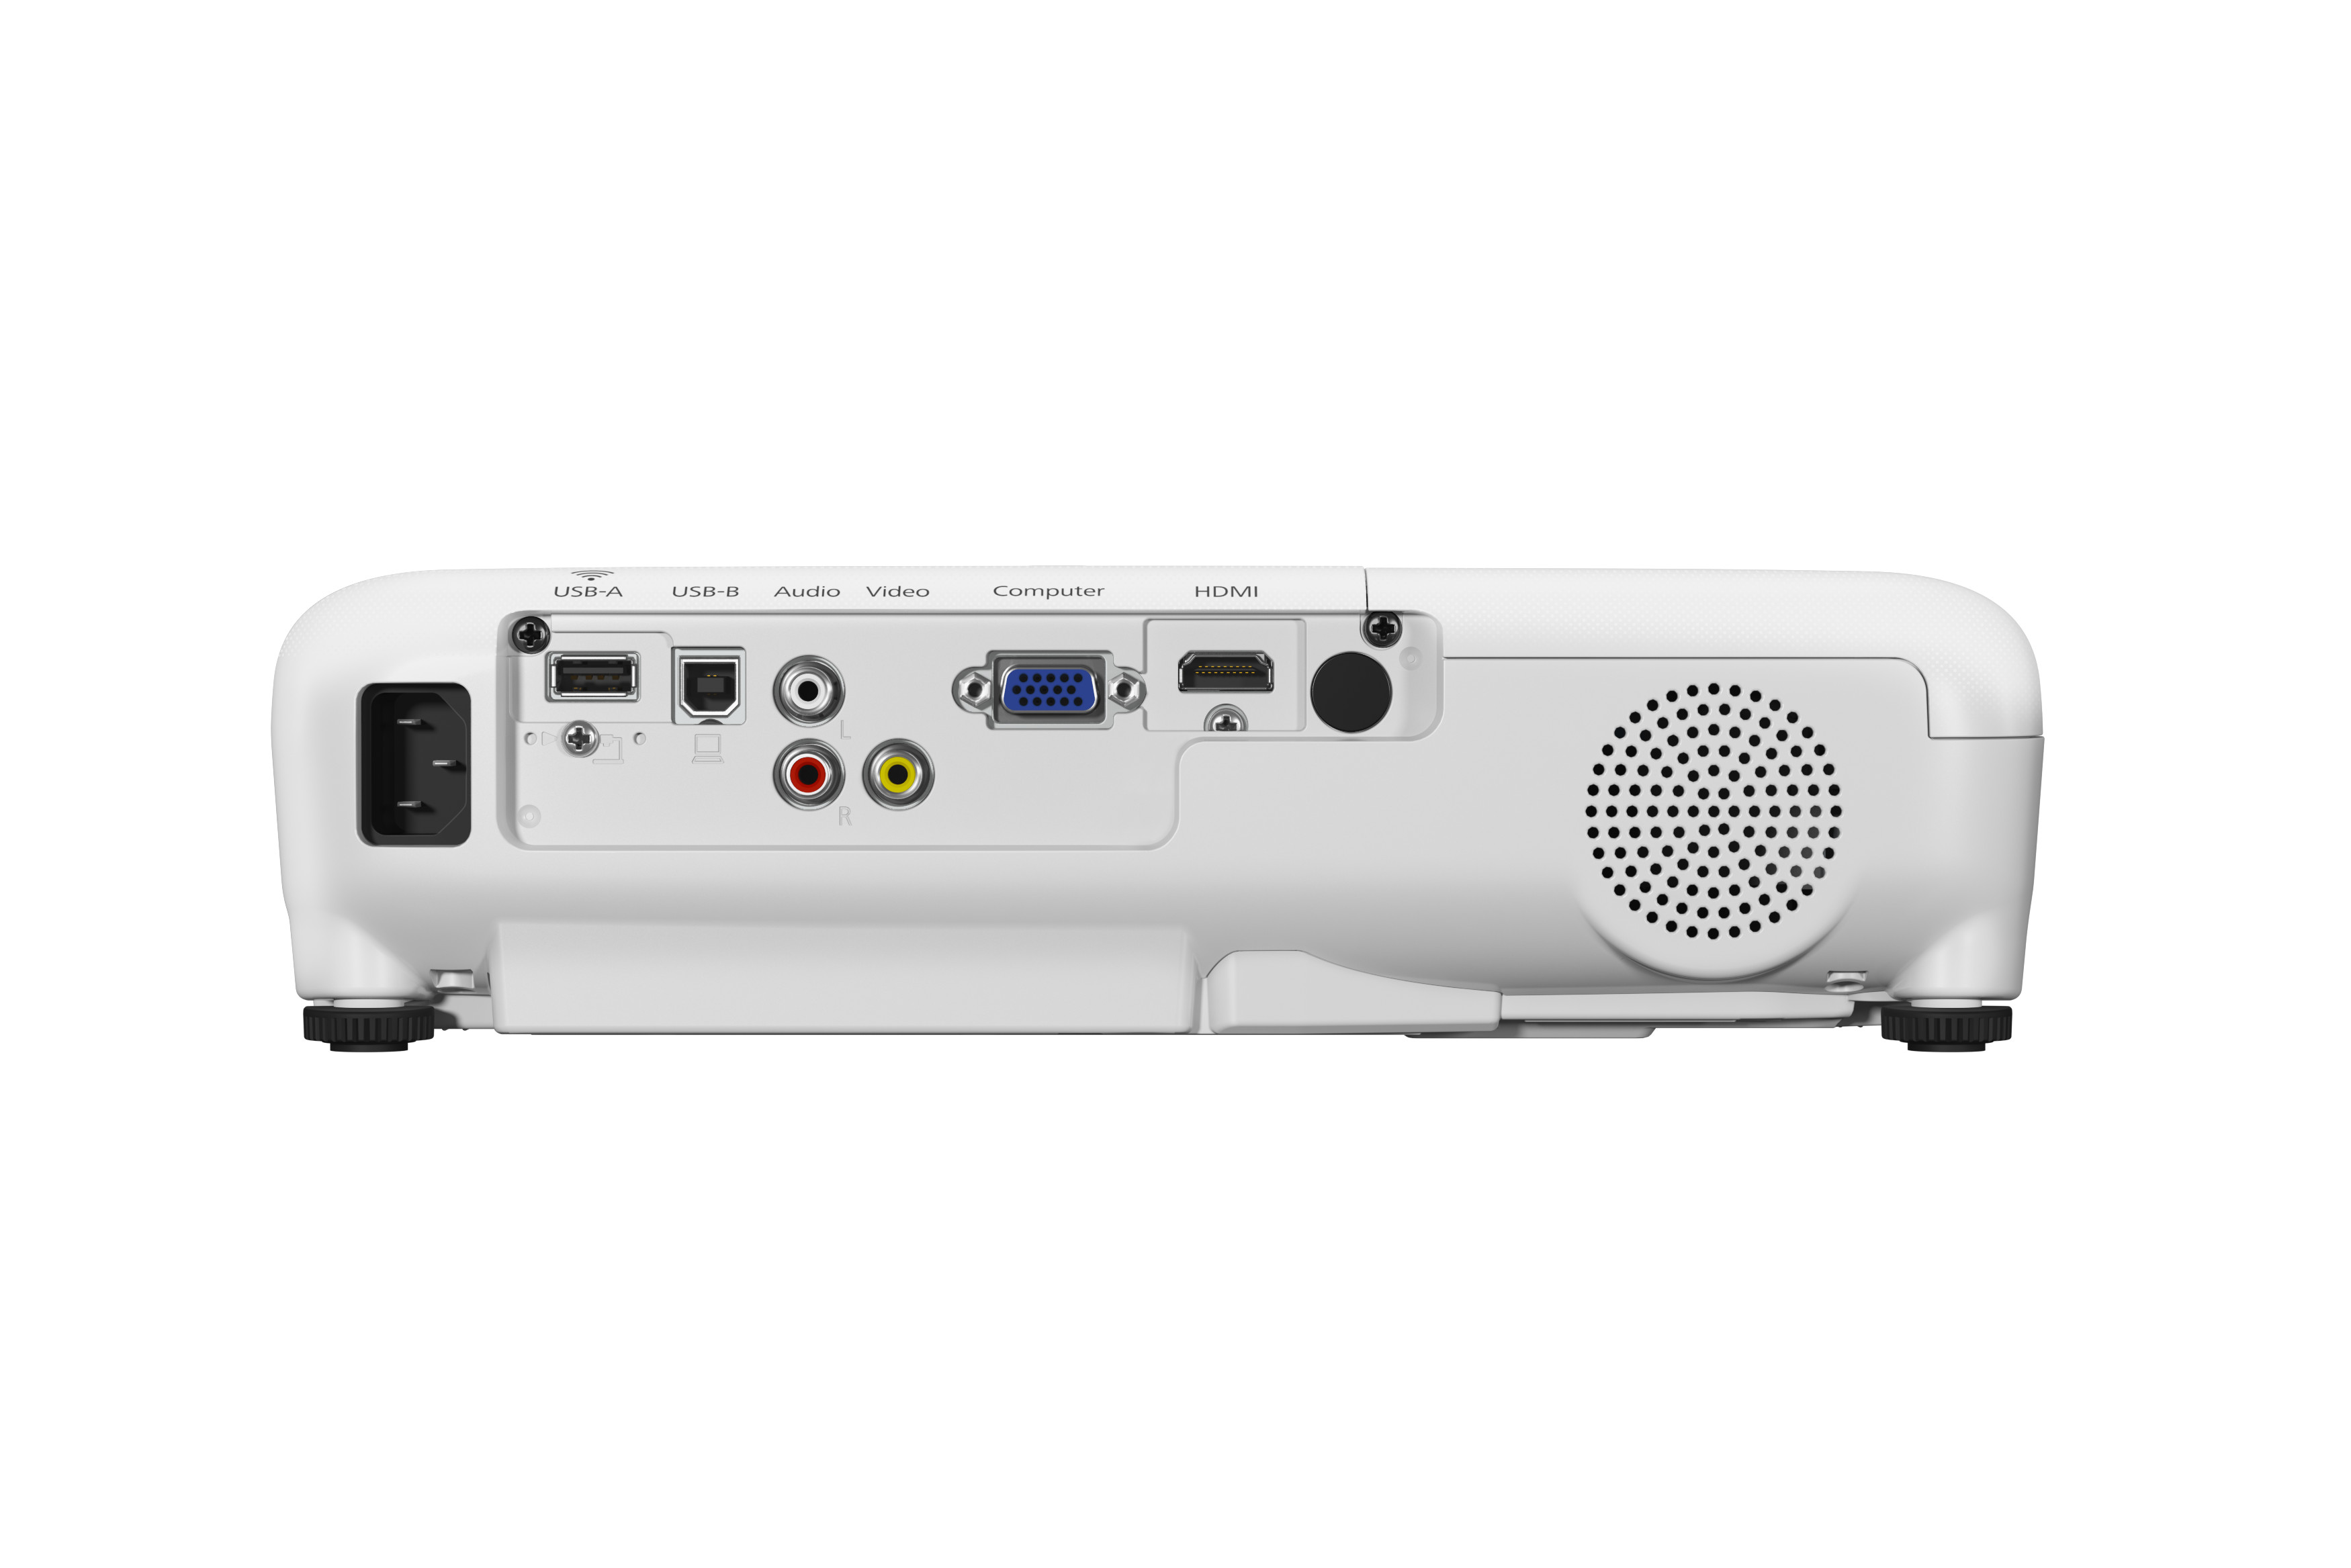 Máy chiếu Epson doanh nghiệp EB-X41 được tích hợp các tính năng và là sự lựa chọn hoàn hảo để trình bày hình ảnh sống động như thật-HÀNG CHÍNH HÃNG